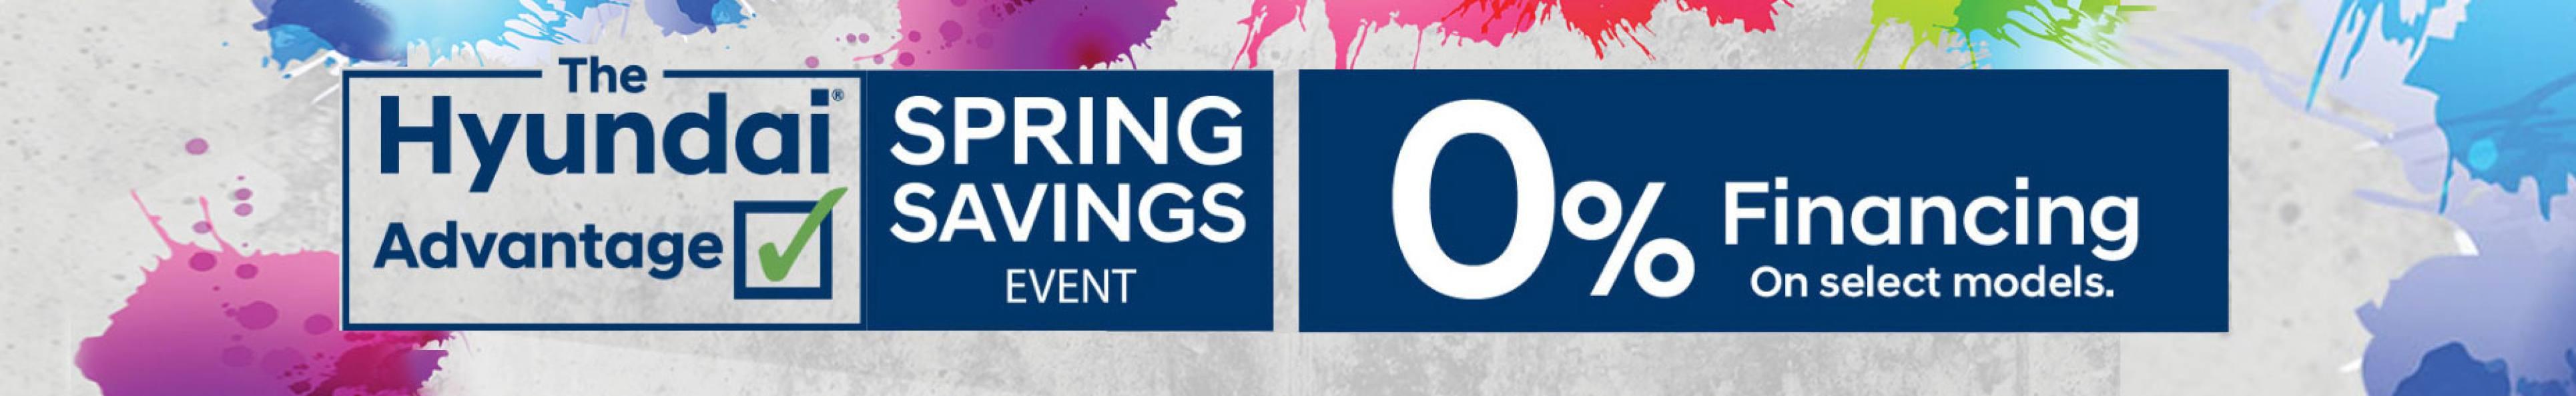 MiltonHyundai-Feature-SpringSavings2018